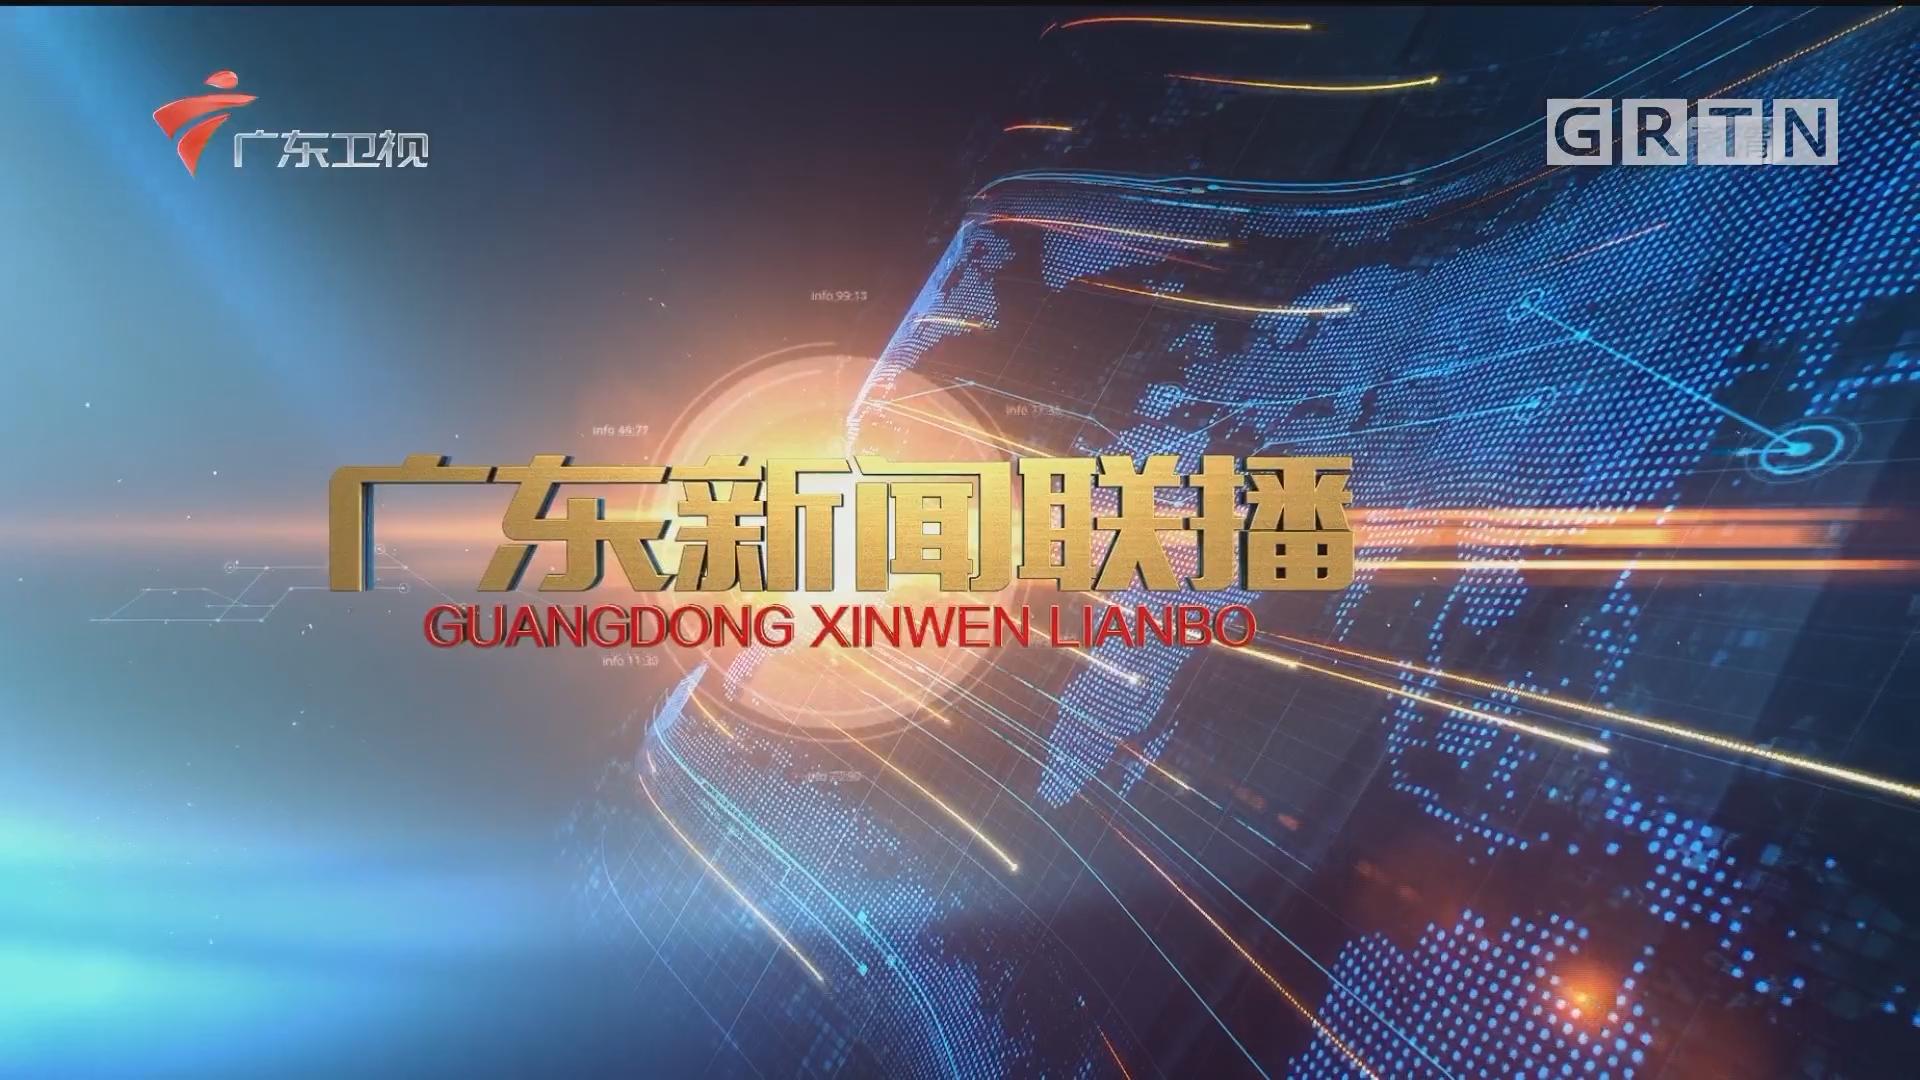 [HD][2017-11-19]广东新闻联播:广东文艺界:坚定文化自信 文艺服务人民